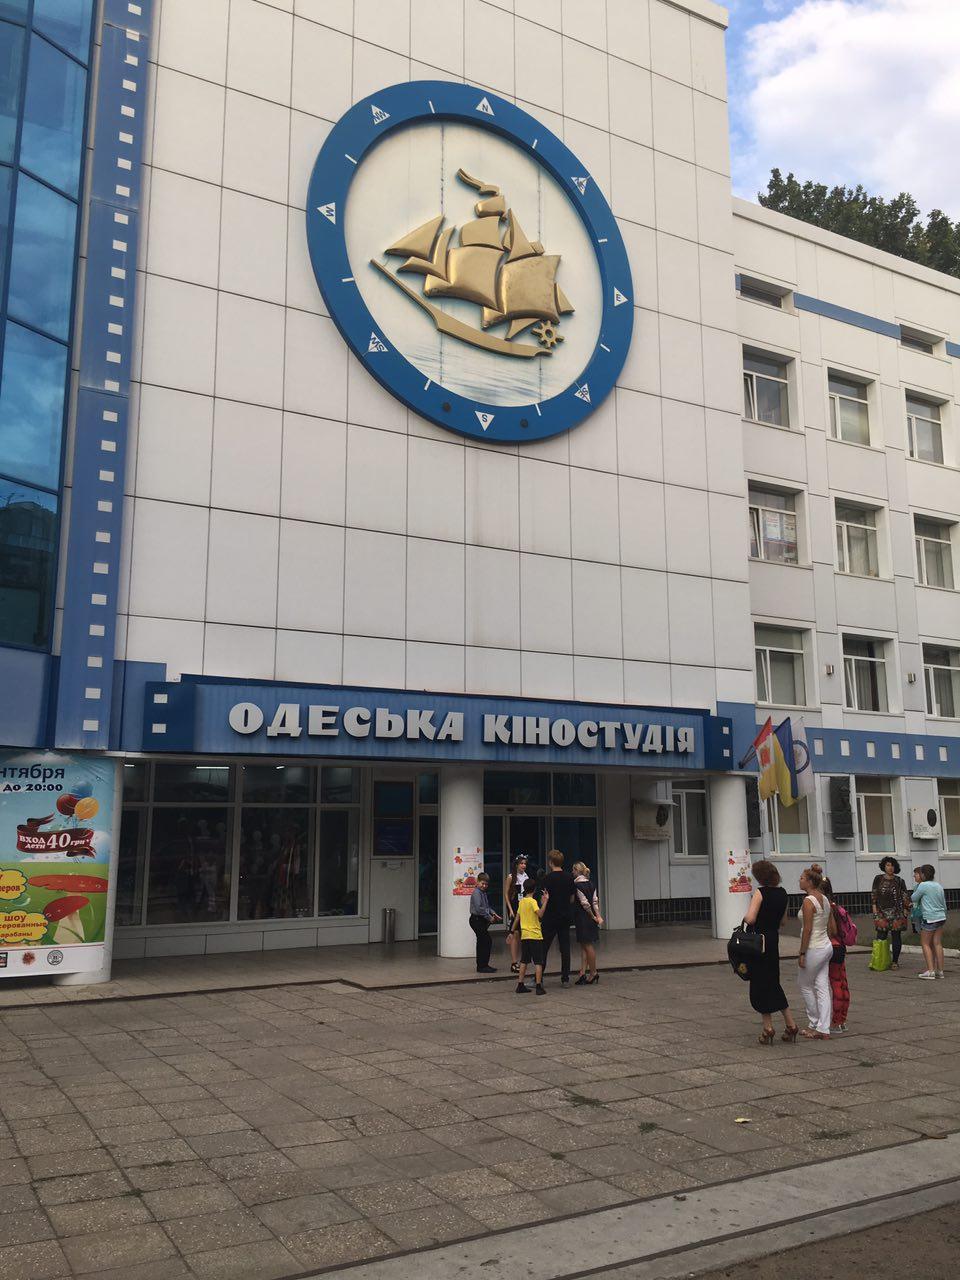 Одесская киностудия 6.jpg